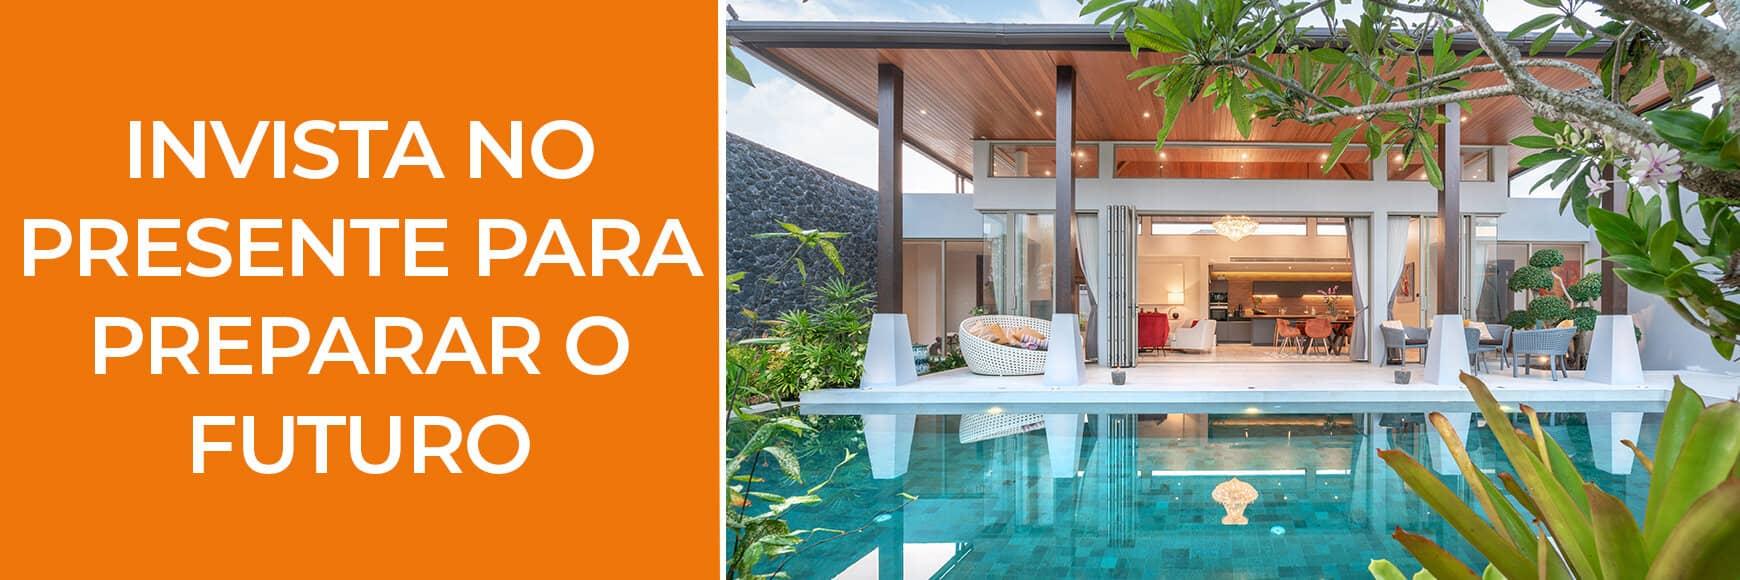 Invista Em Imoveis-Orlando Homes Sales